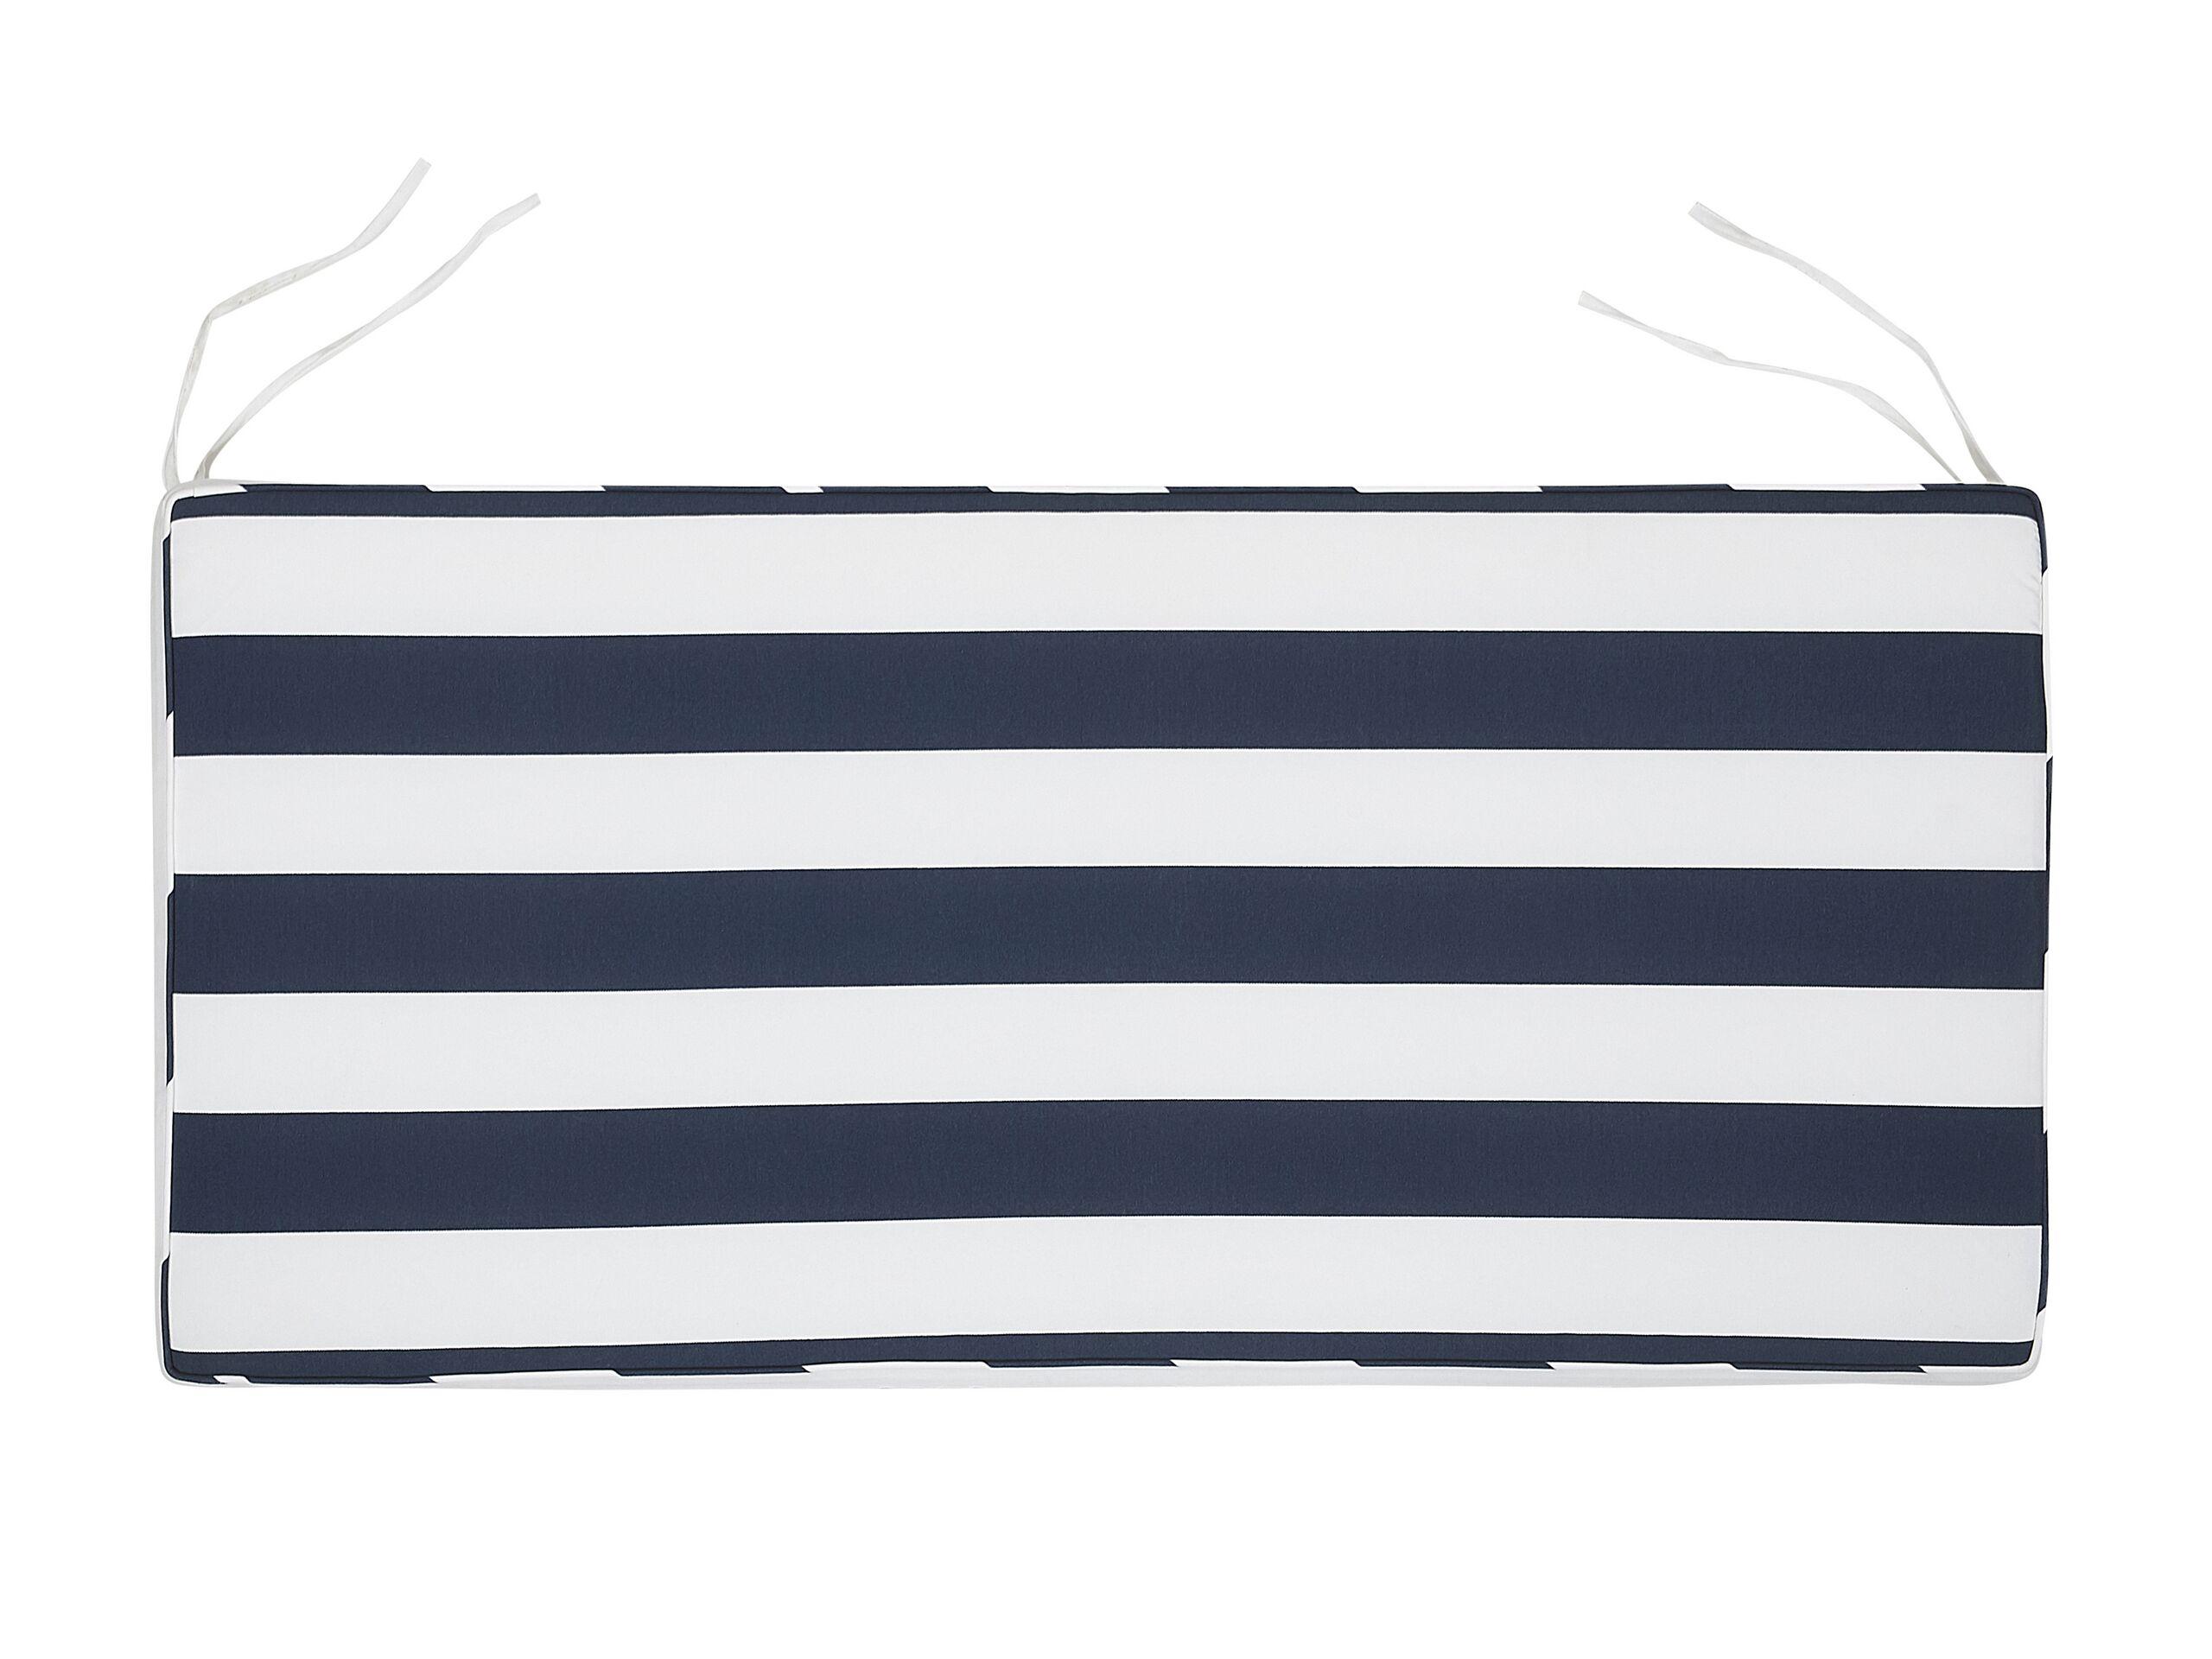 Coussin à rayures bleu marine pour banc de jardin L112cm